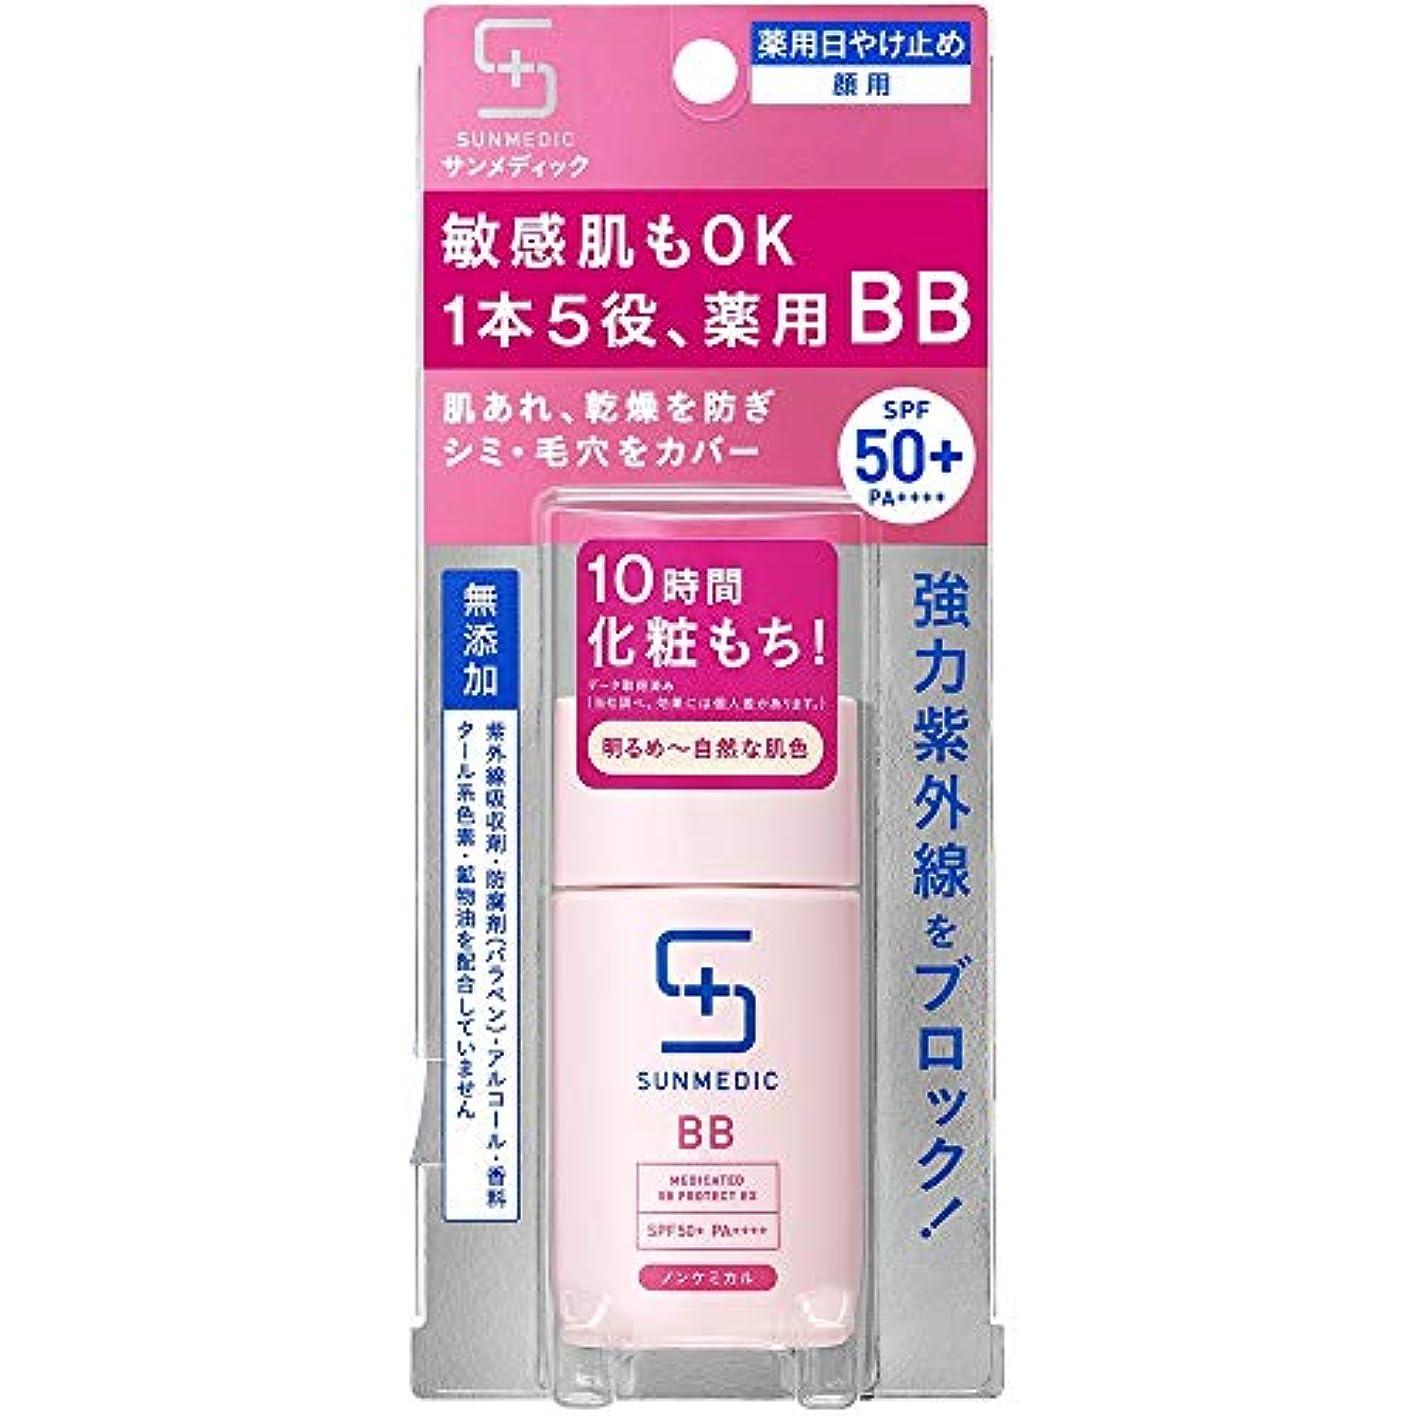 石鹸宇宙船少ないサンメディックUV 薬用BBプロテクトEX ライト 30ml (医薬部外品)